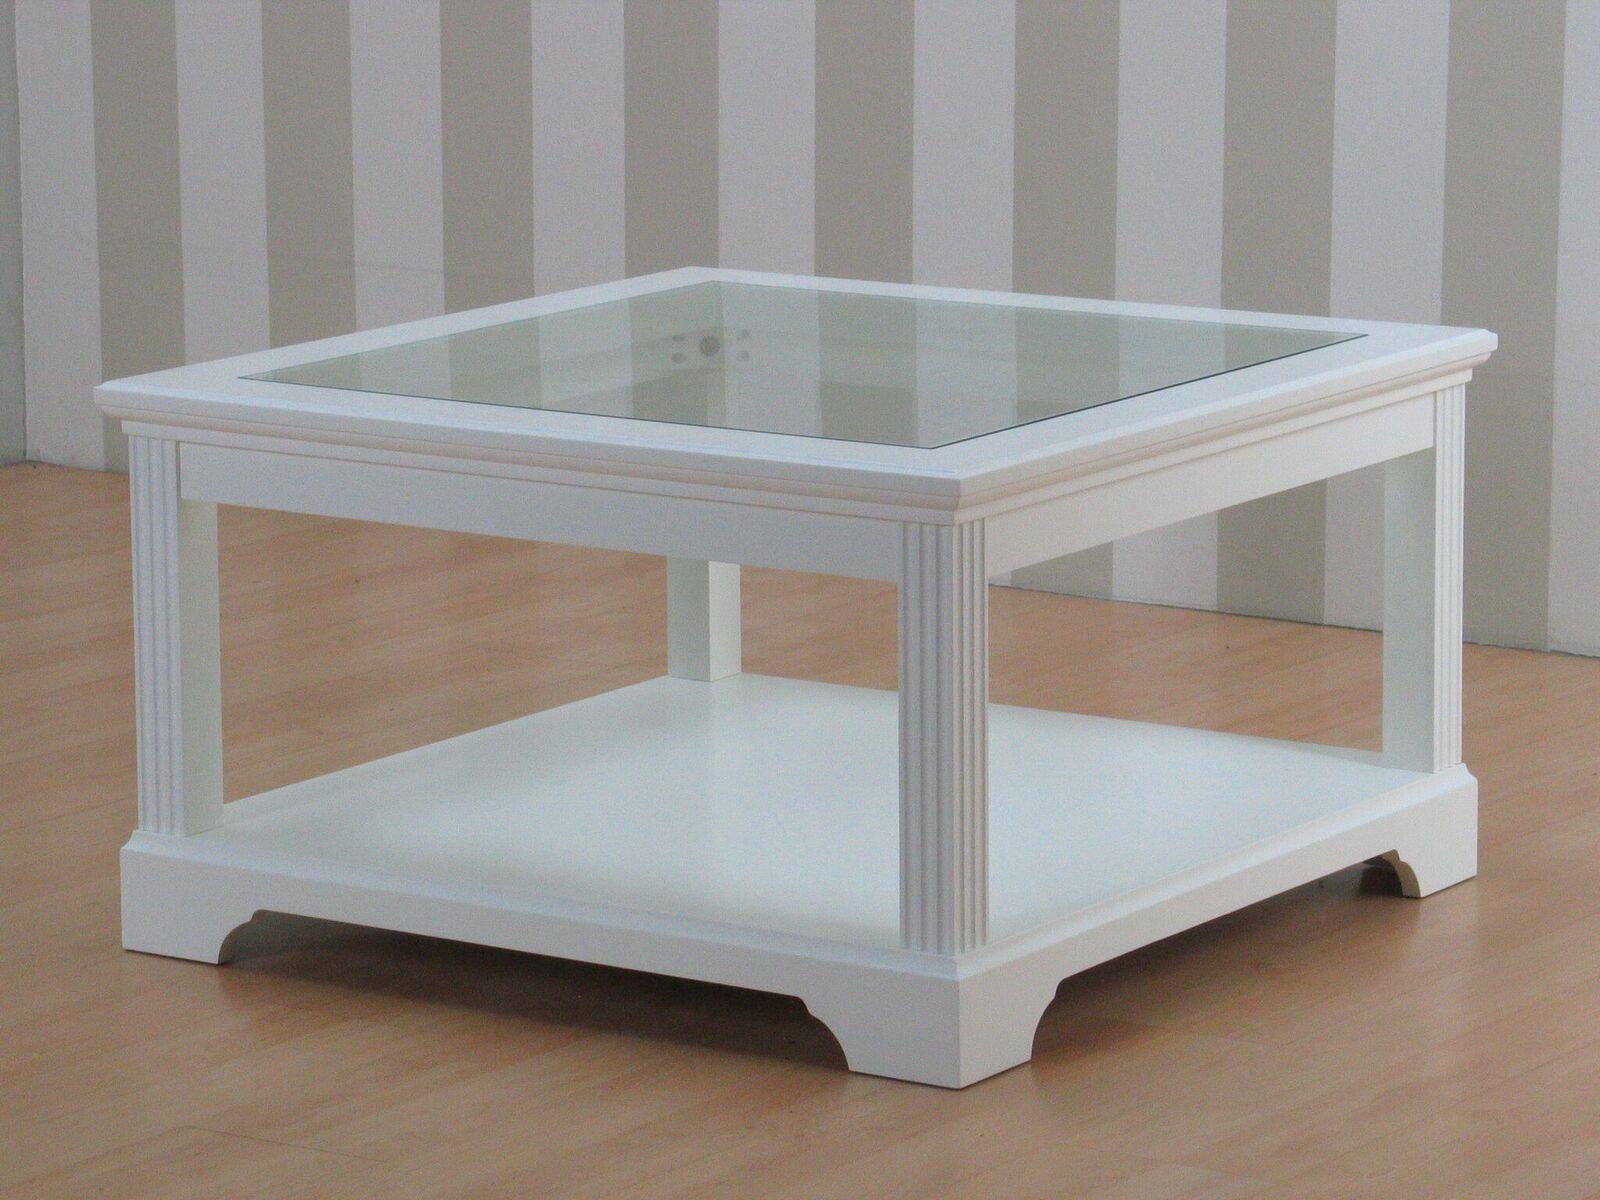 couchtisch charlot glas holz wohnzimmer tisch beistelltisch wei teilmassiv m bel wohnen tische. Black Bedroom Furniture Sets. Home Design Ideas